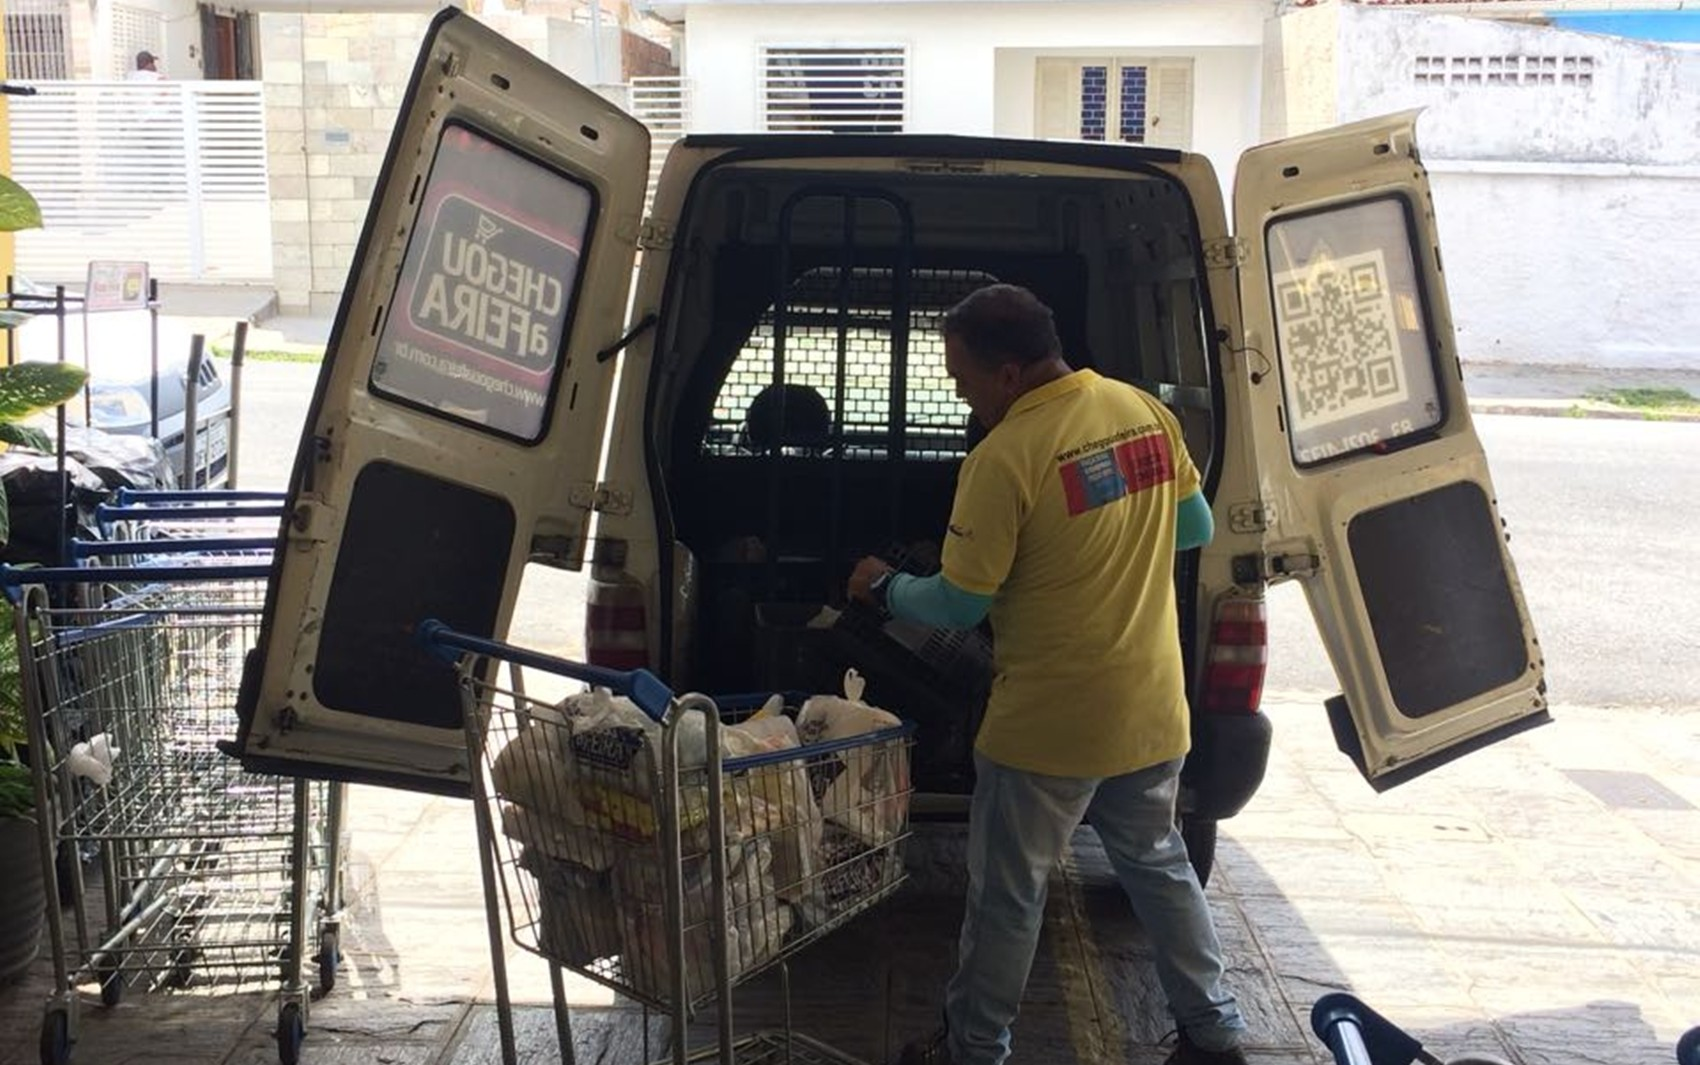 Com confinamento, moradores de Araraquara têm dificuldades com delivery e supermercados estão até recusando pedidos